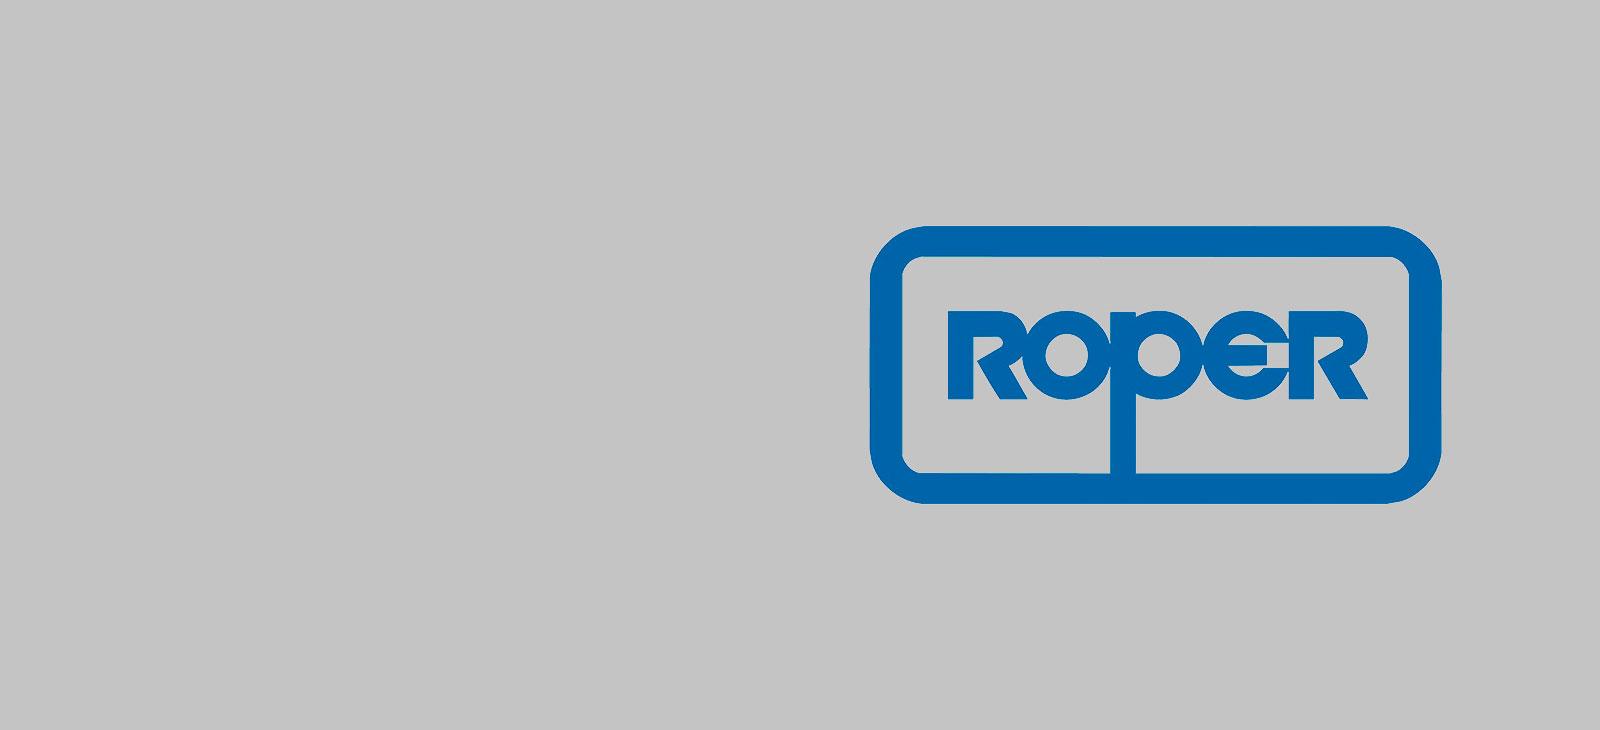 Roperロゴ